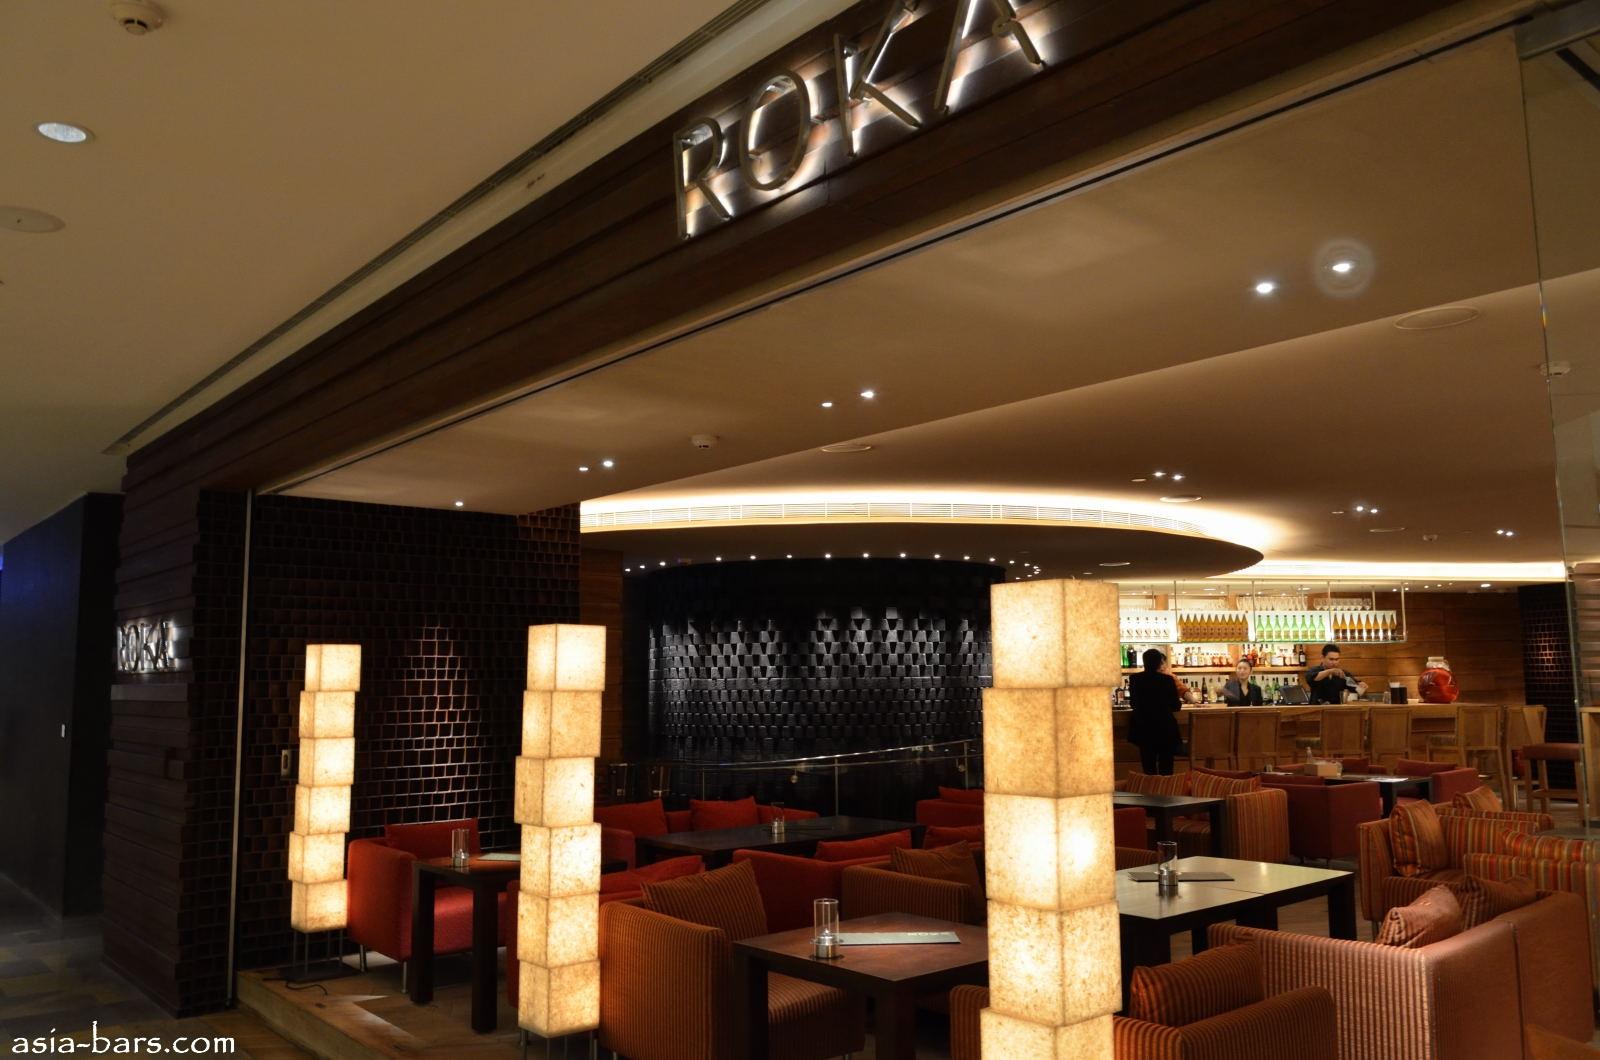 Roka In Hong Kong A Stylish Japanese Robata Grill